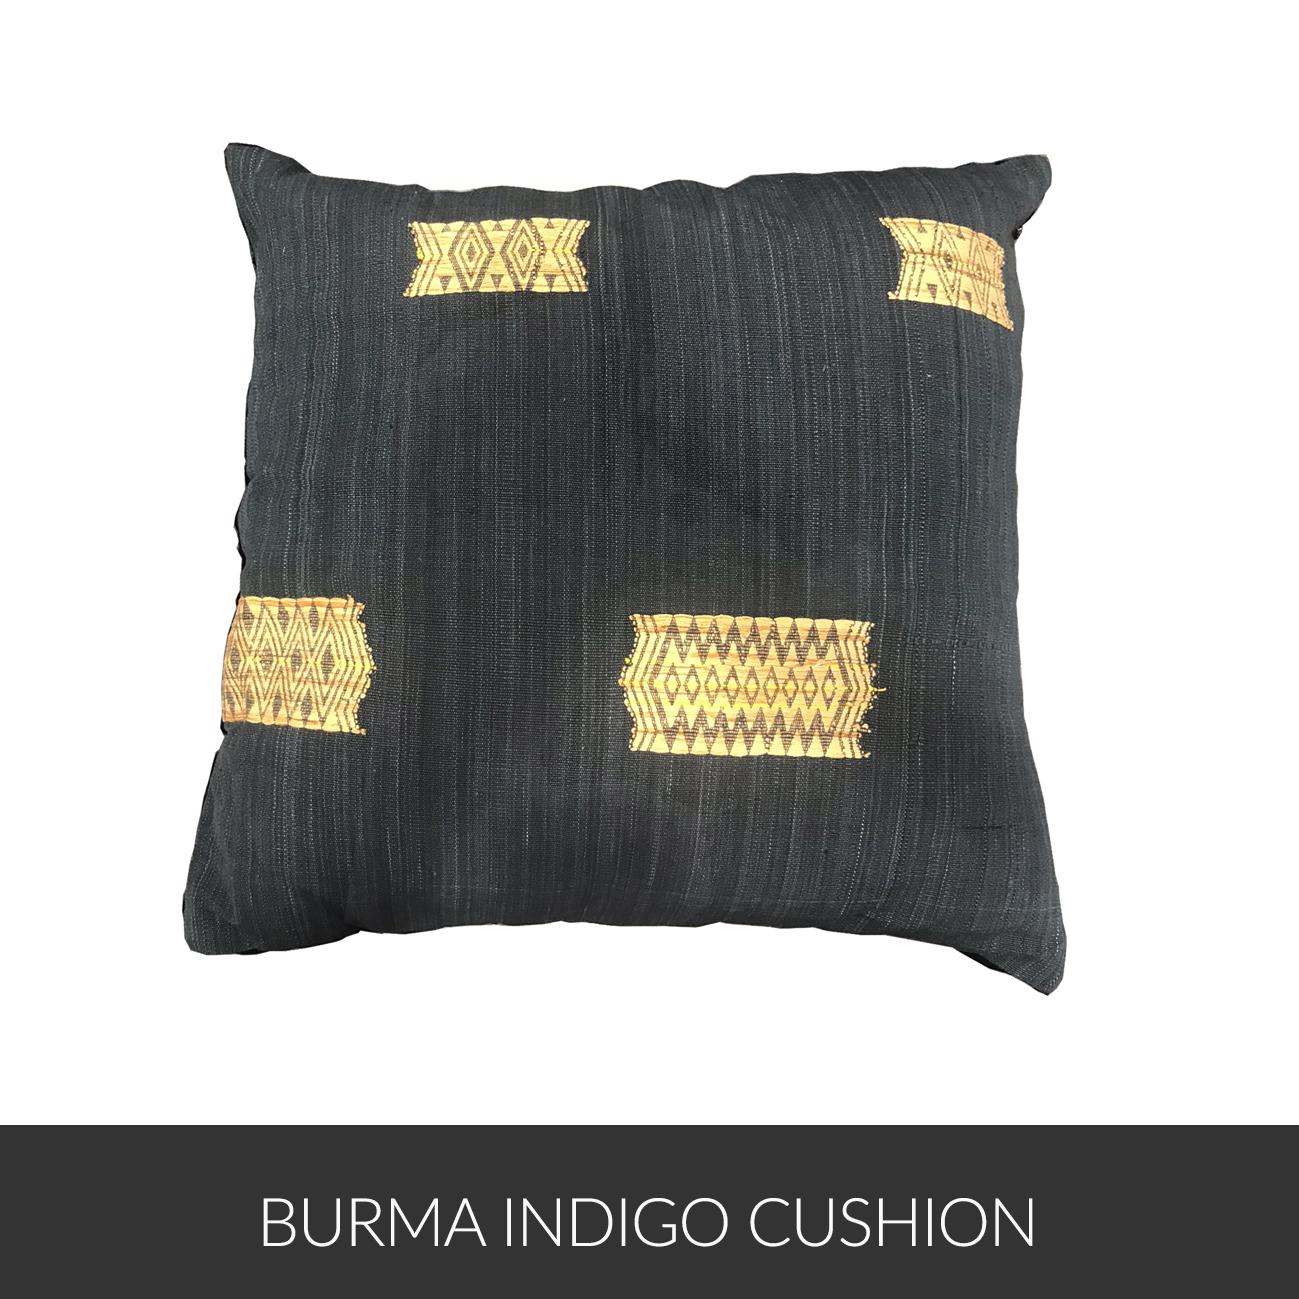 BURMA_INDIGO_CUSHION-.jpg